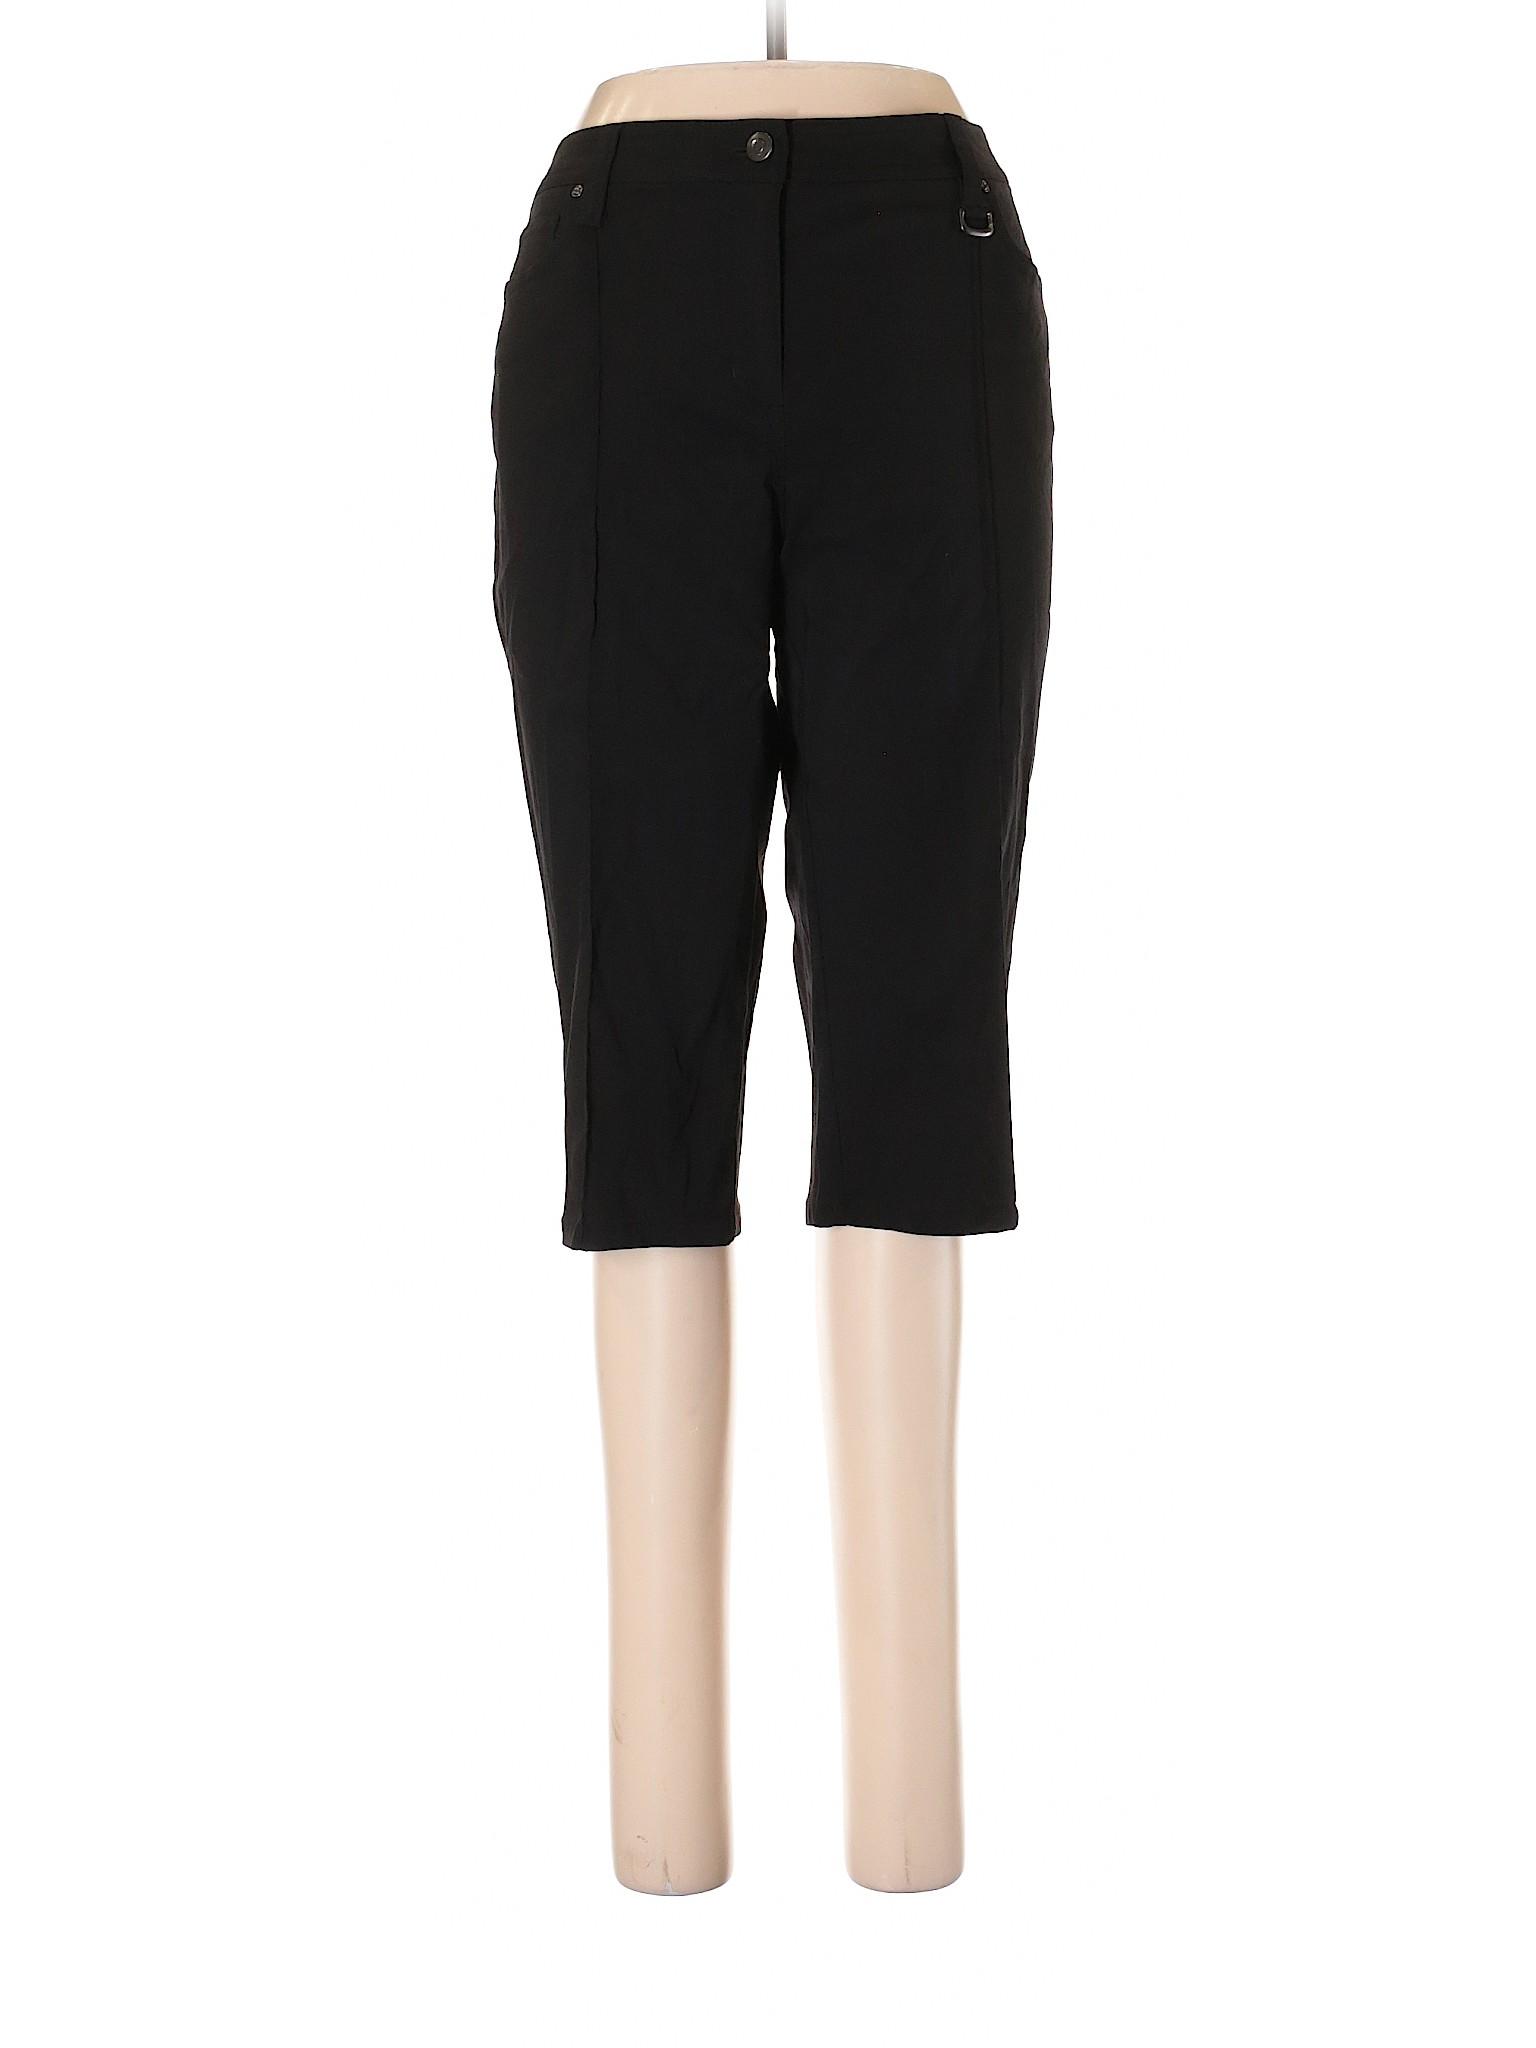 amp;Co Boutique leisure Casual Pants Style EwgqRz